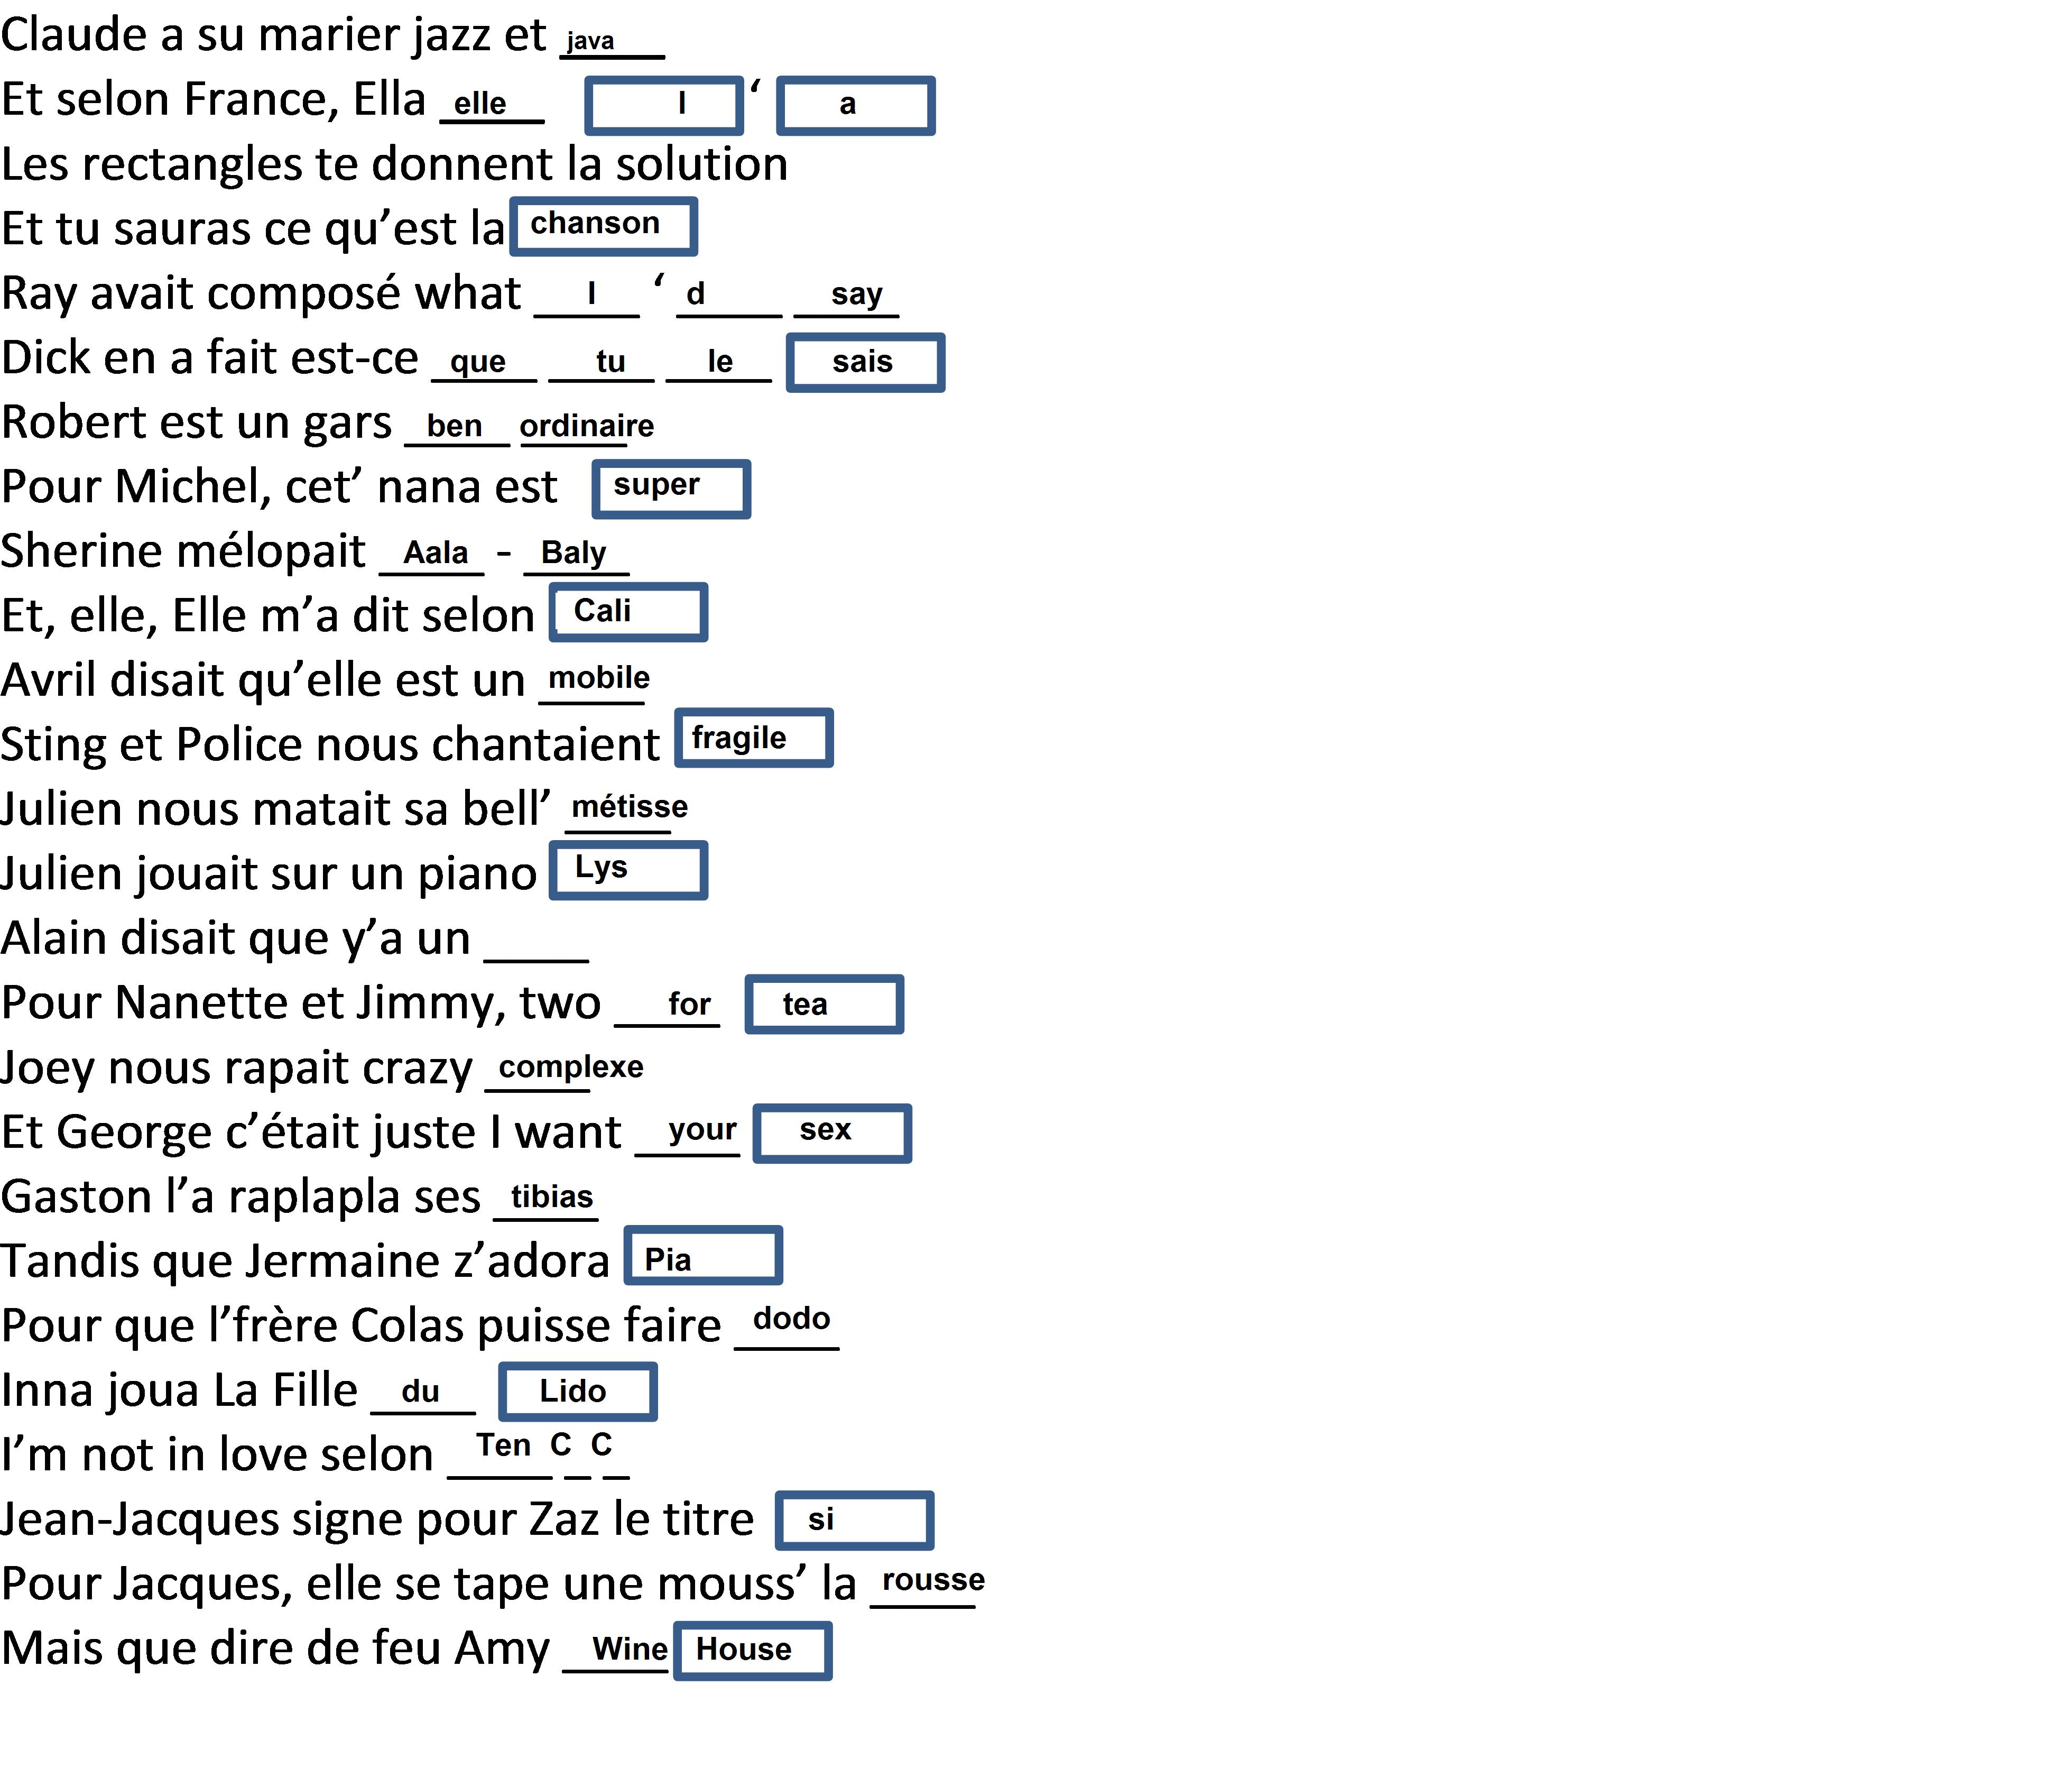 http://www.prise2tete.fr/upload/fvallee27-823292Rimesrbus2.png